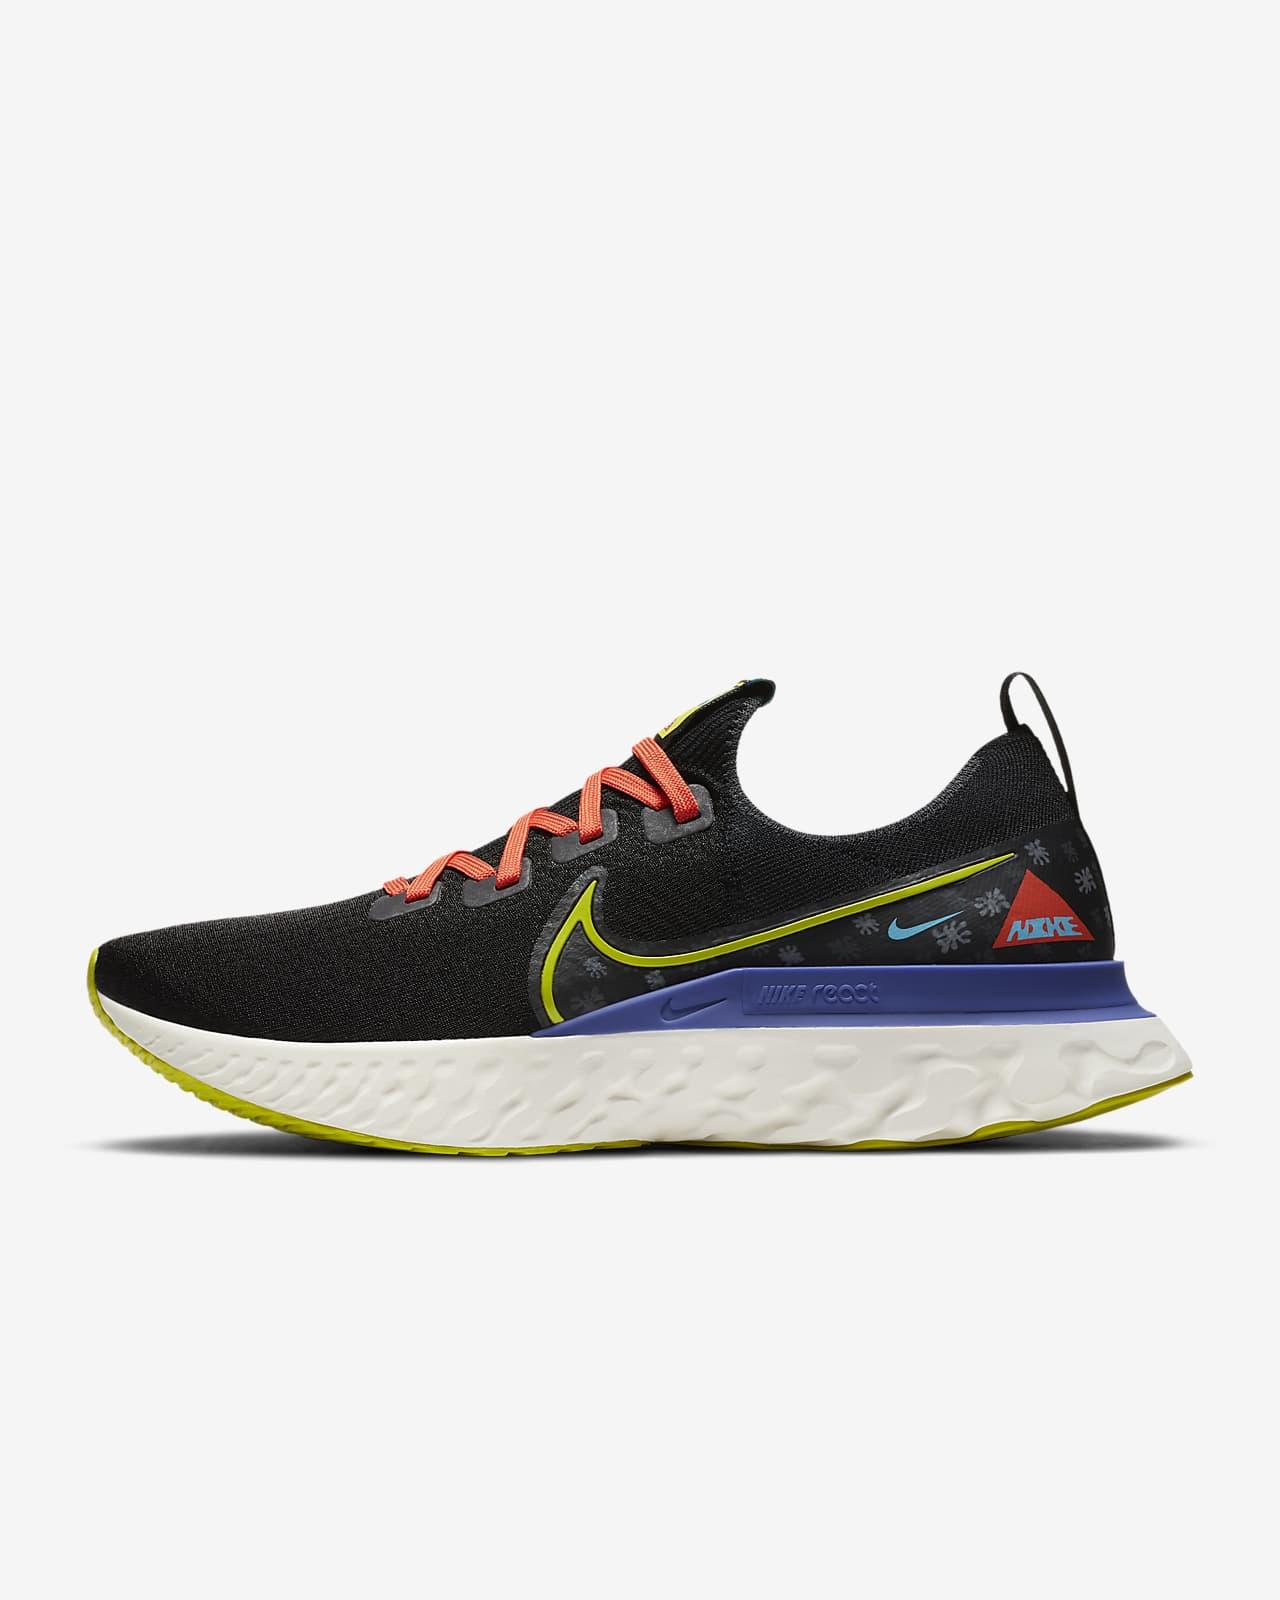 Nike React Infinity Run Flyknit A.I.R. Calzado de Running Chaz Bear